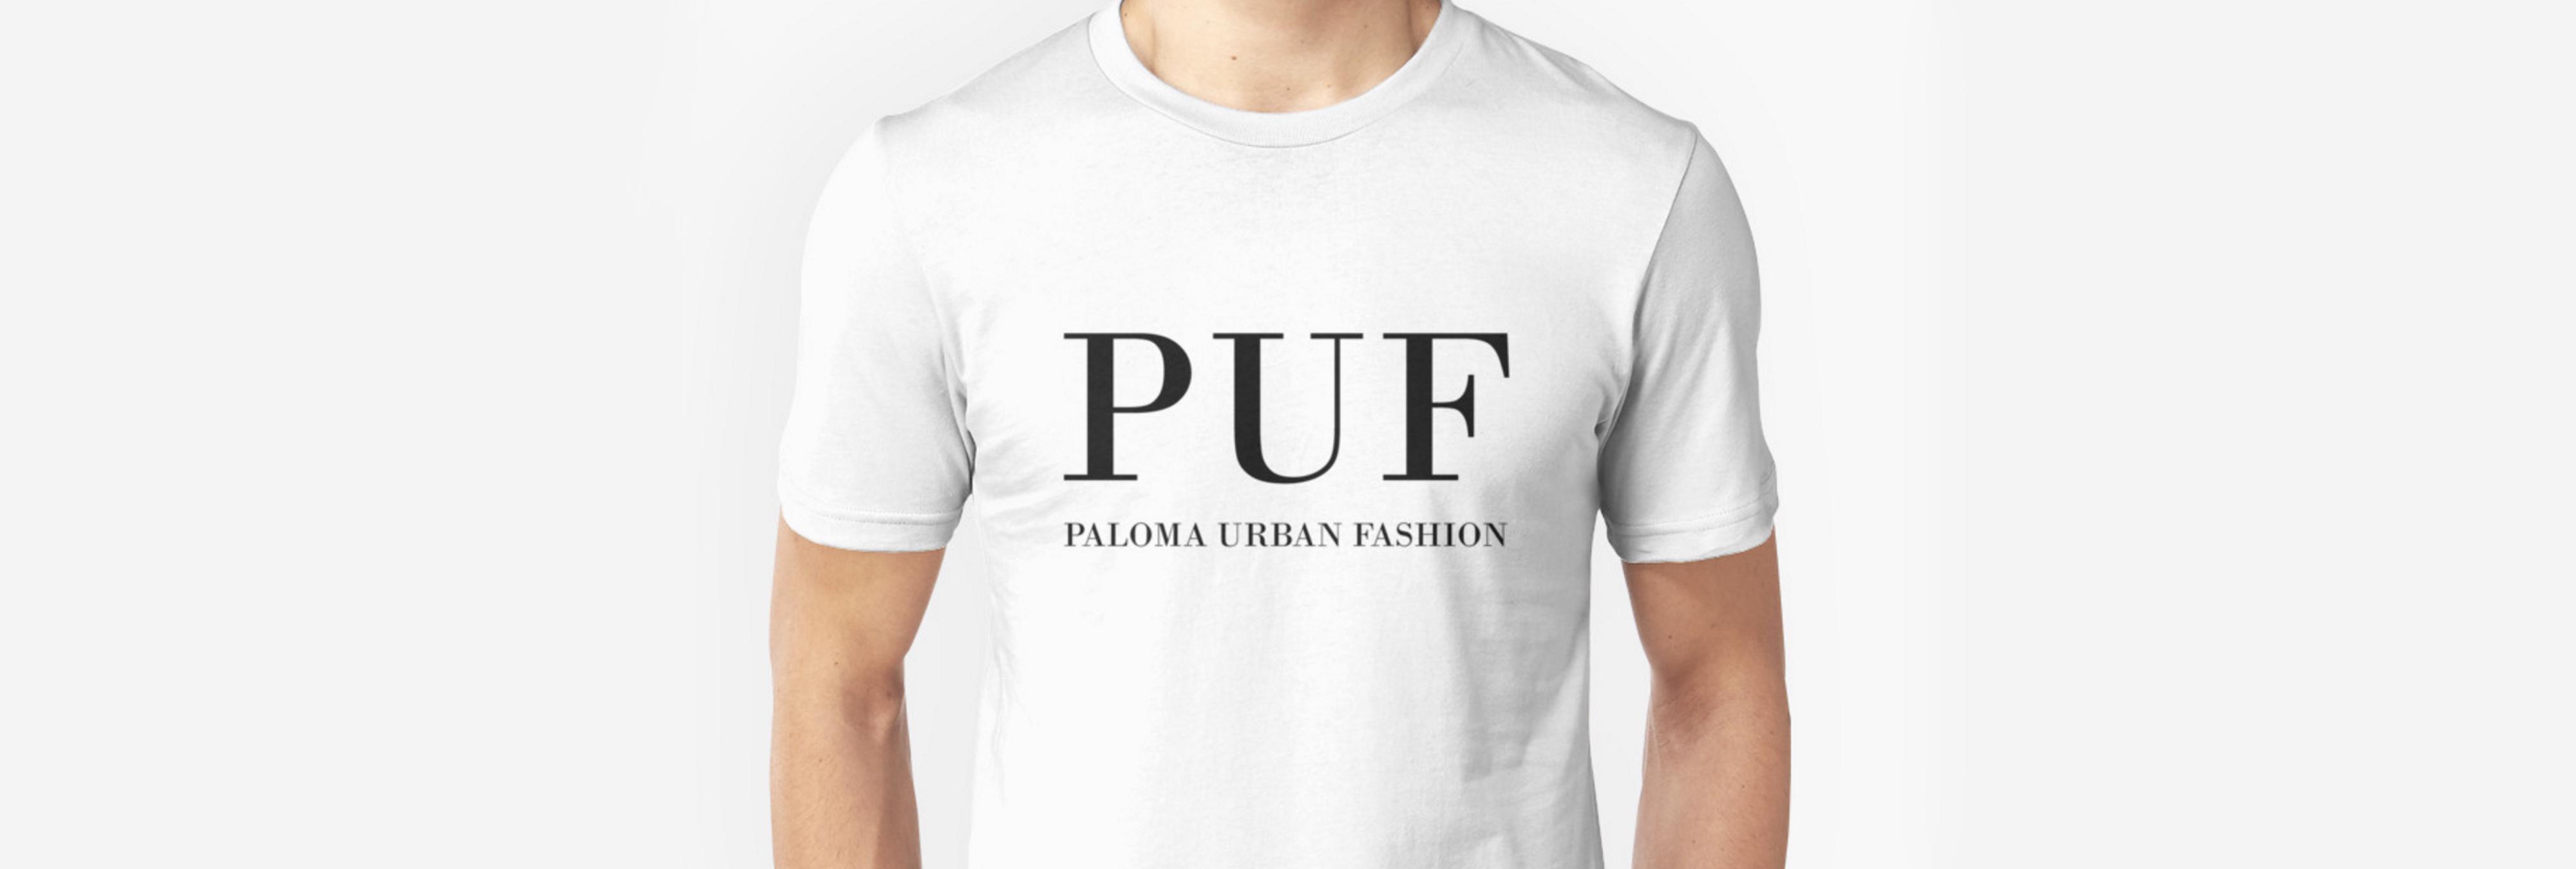 Hablamos con el chico que cumplió el sueño de Paloma Cuesta: 'Solo quiero que PUF domine el mundo'